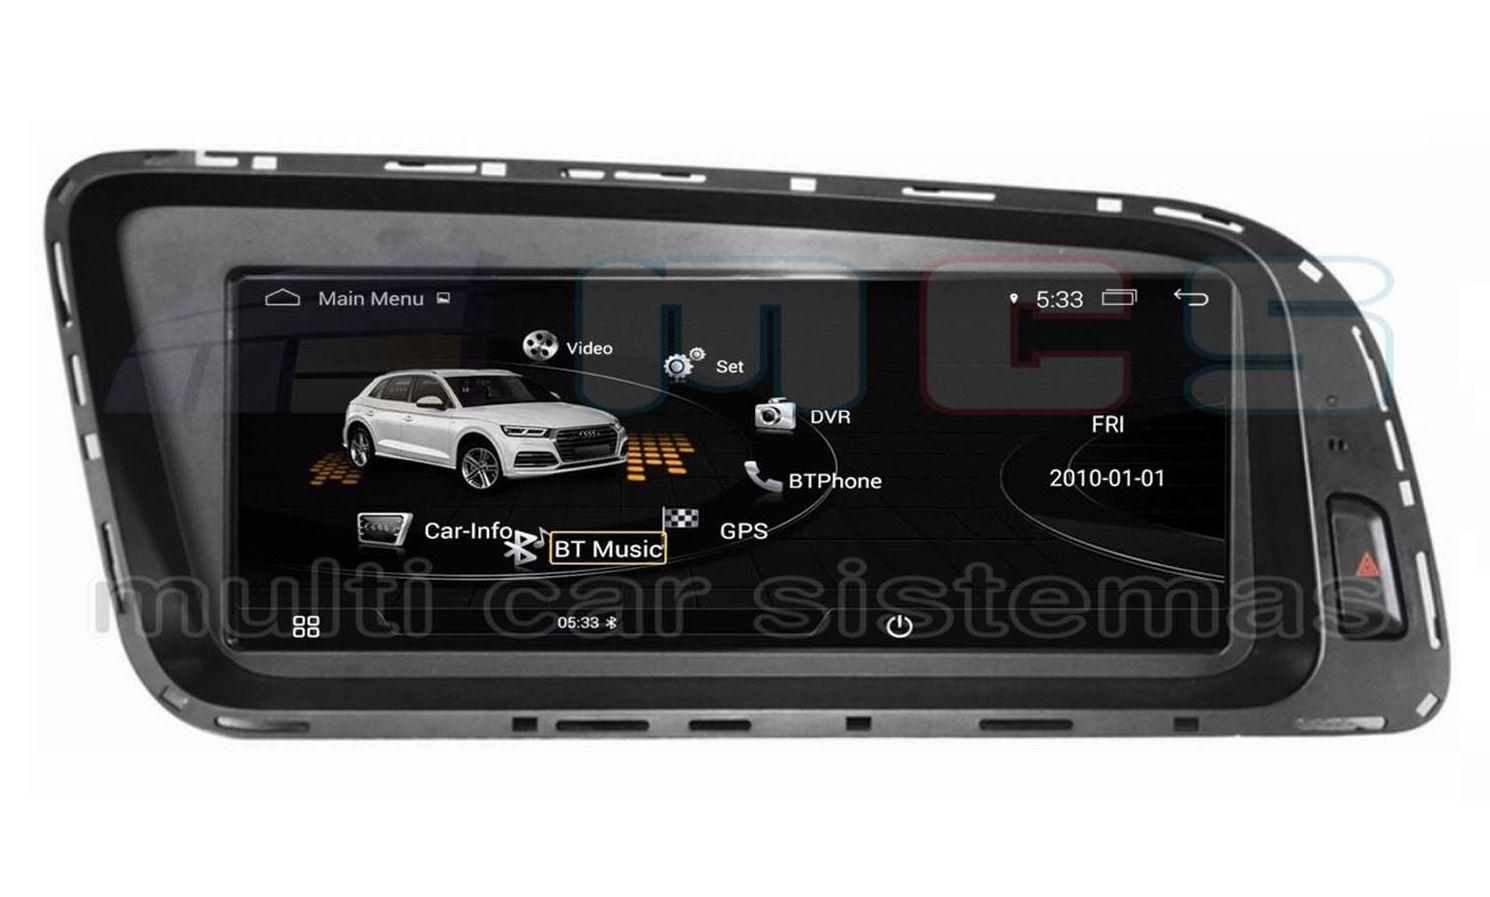 RADIO GPS PANTALLA TACTIL ANDROID AUDI Q5 8R